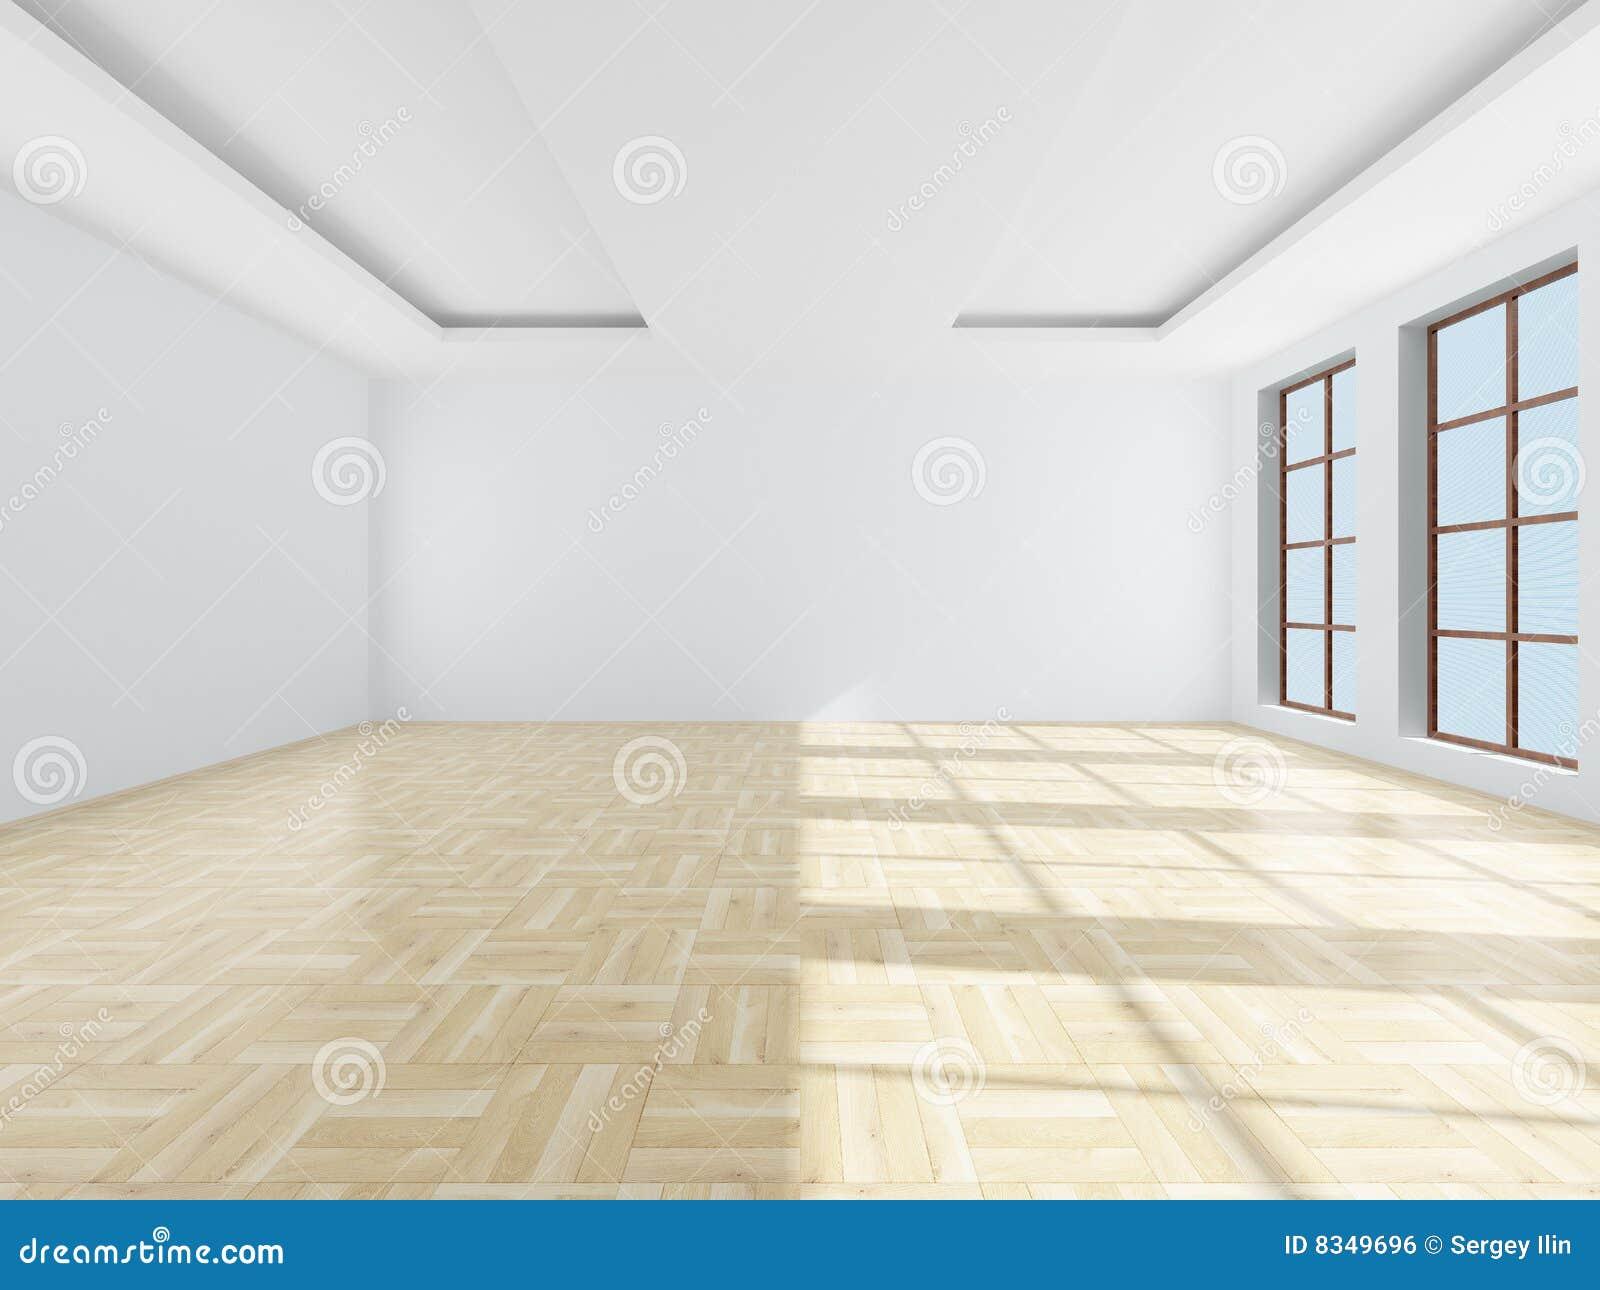 pi ce vide image 3d illustration stock illustration du tage 8349696. Black Bedroom Furniture Sets. Home Design Ideas